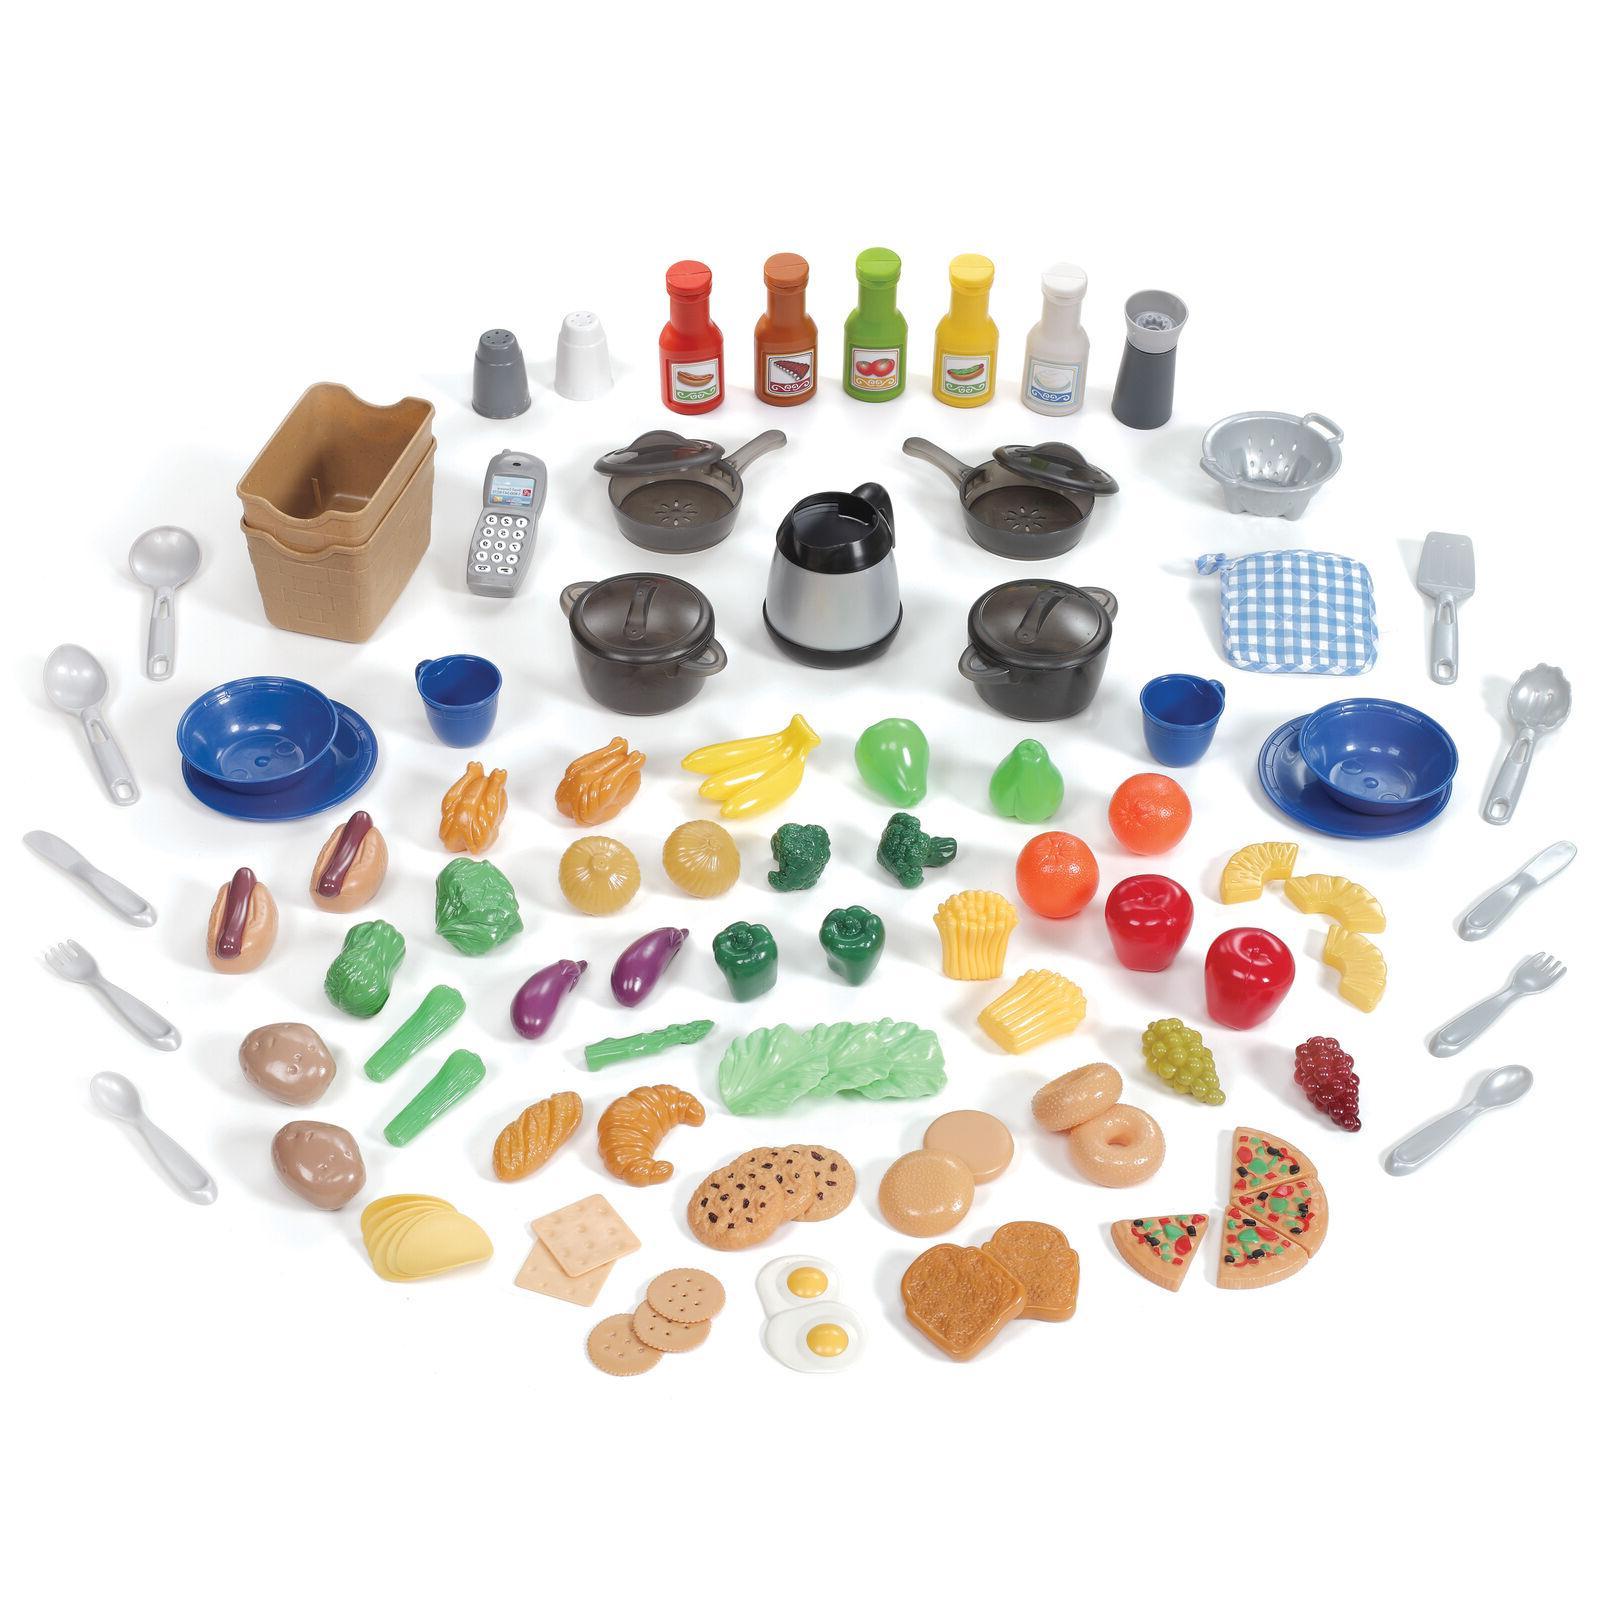 Walk In Toy Set Toddler Playhouse